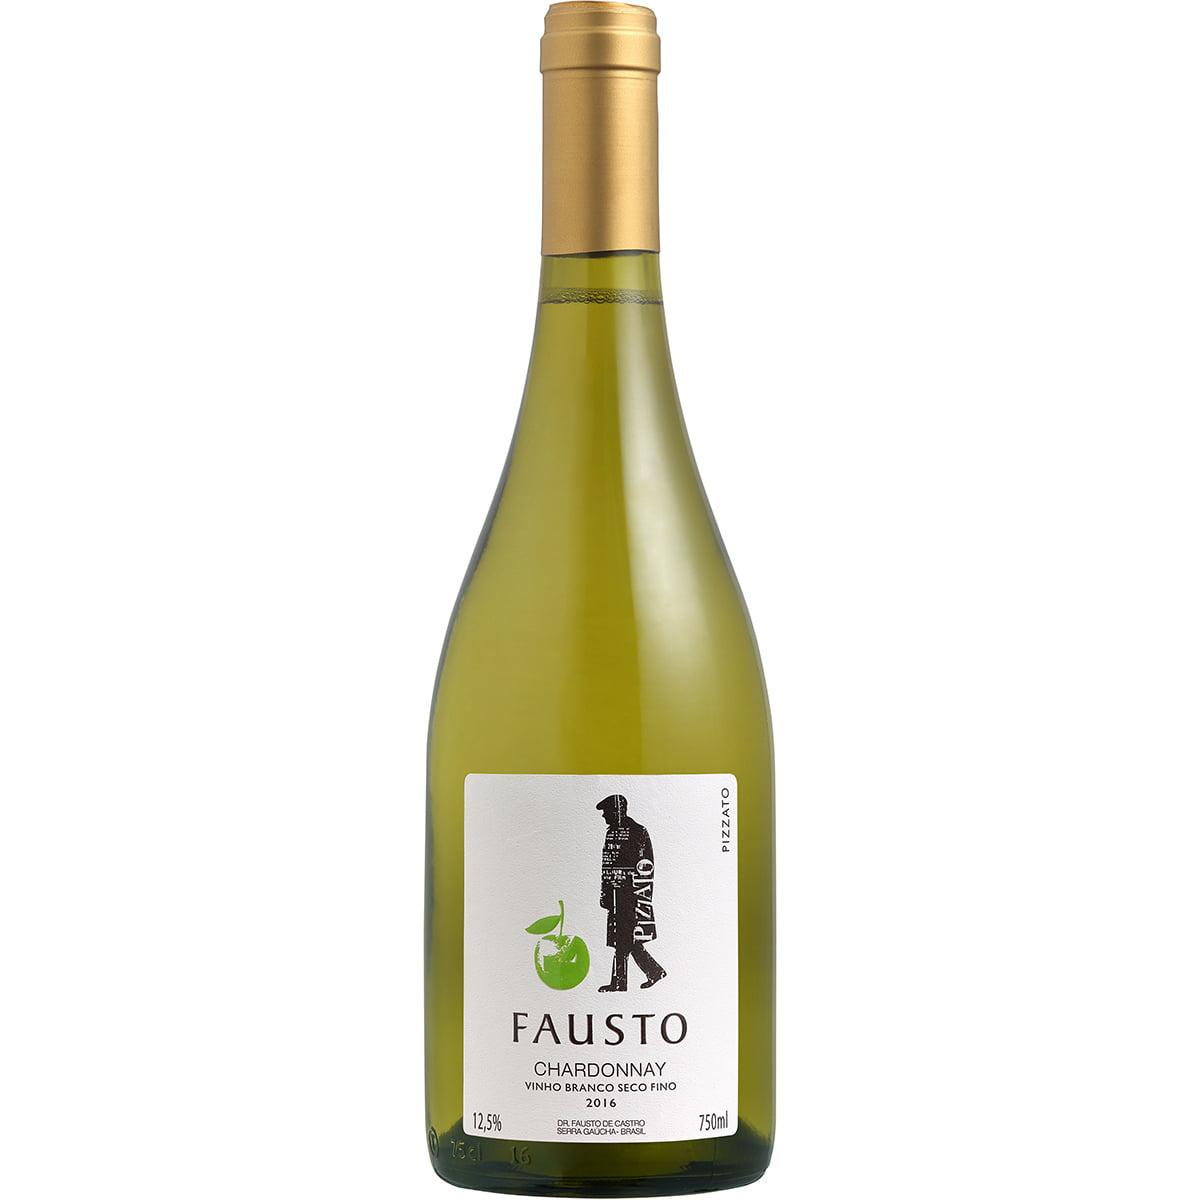 Vinho Fausto Chardonnay Branco Seco 750ml